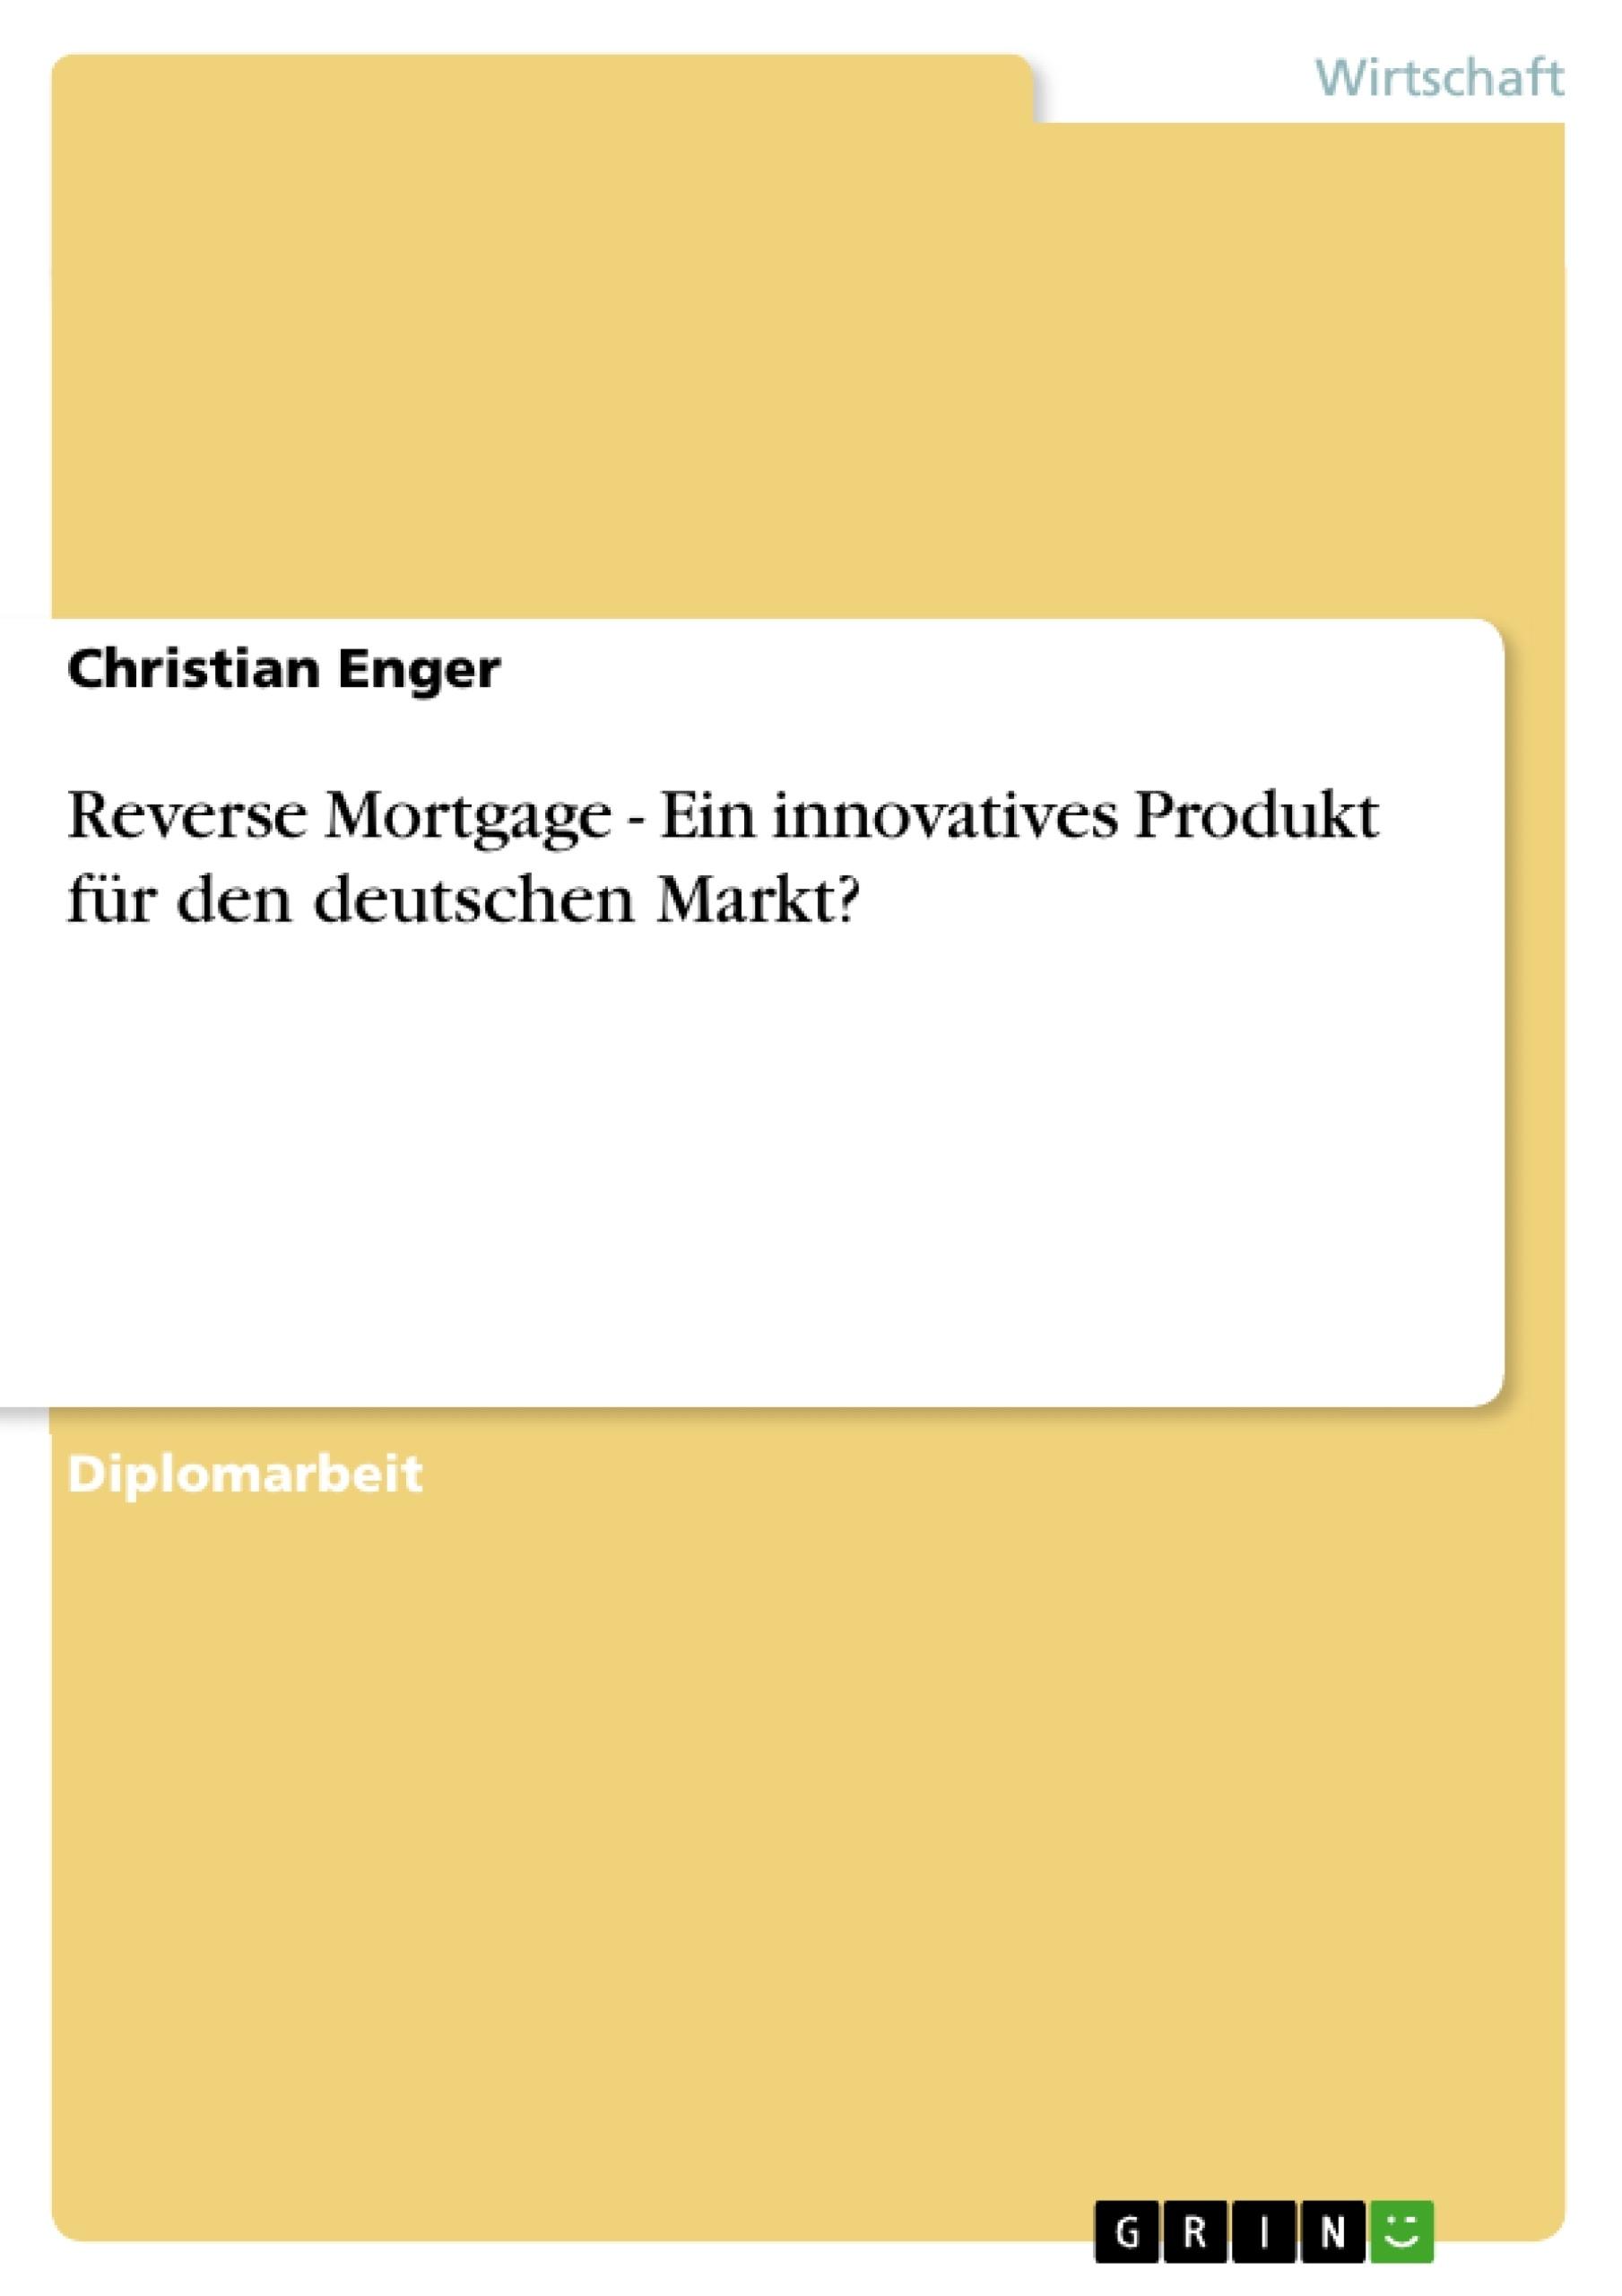 Titel: Reverse Mortgage - Ein innovatives Produkt für den deutschen Markt?